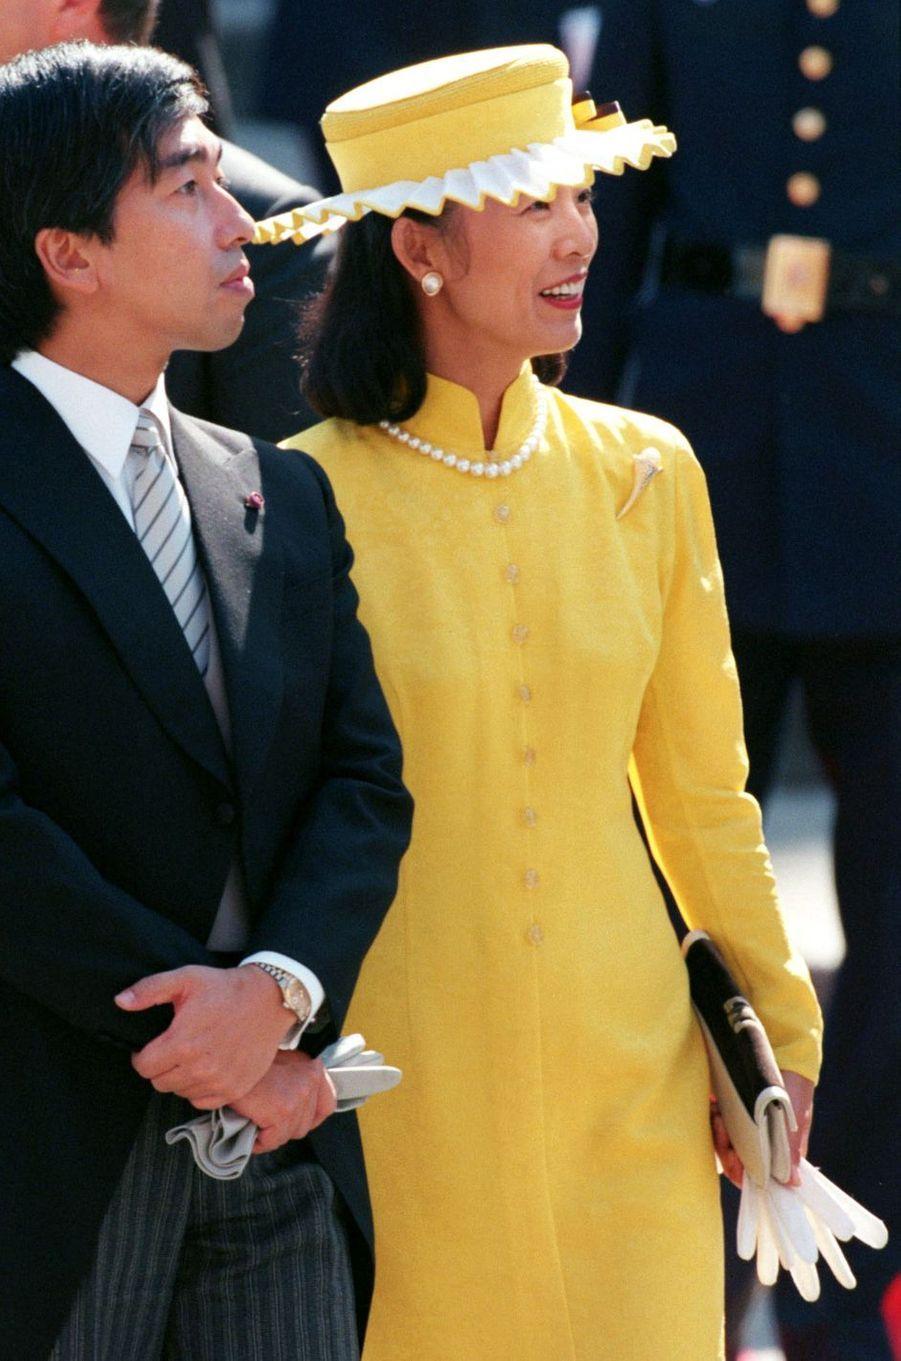 Le prince Norihito du Japon et son épouse la princesse Hisako au mariage de l'infante Cristina d'Espagne et Inaki Urdangarin, à Barcelone le 4 octobre 1997